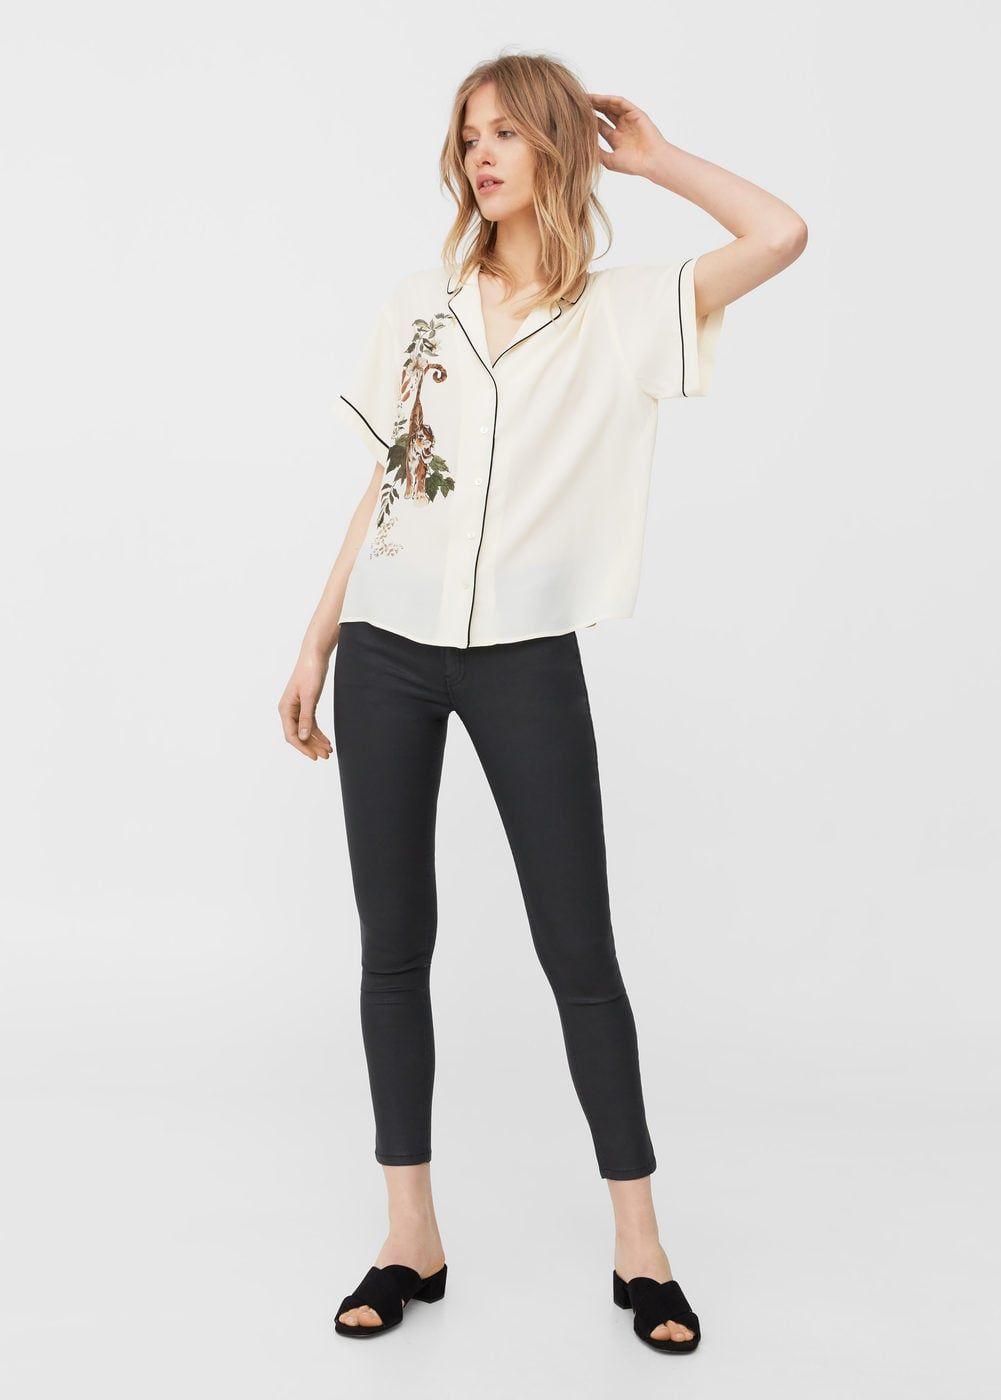 Waxed skinny belle jeans - Women  c2467e69c30